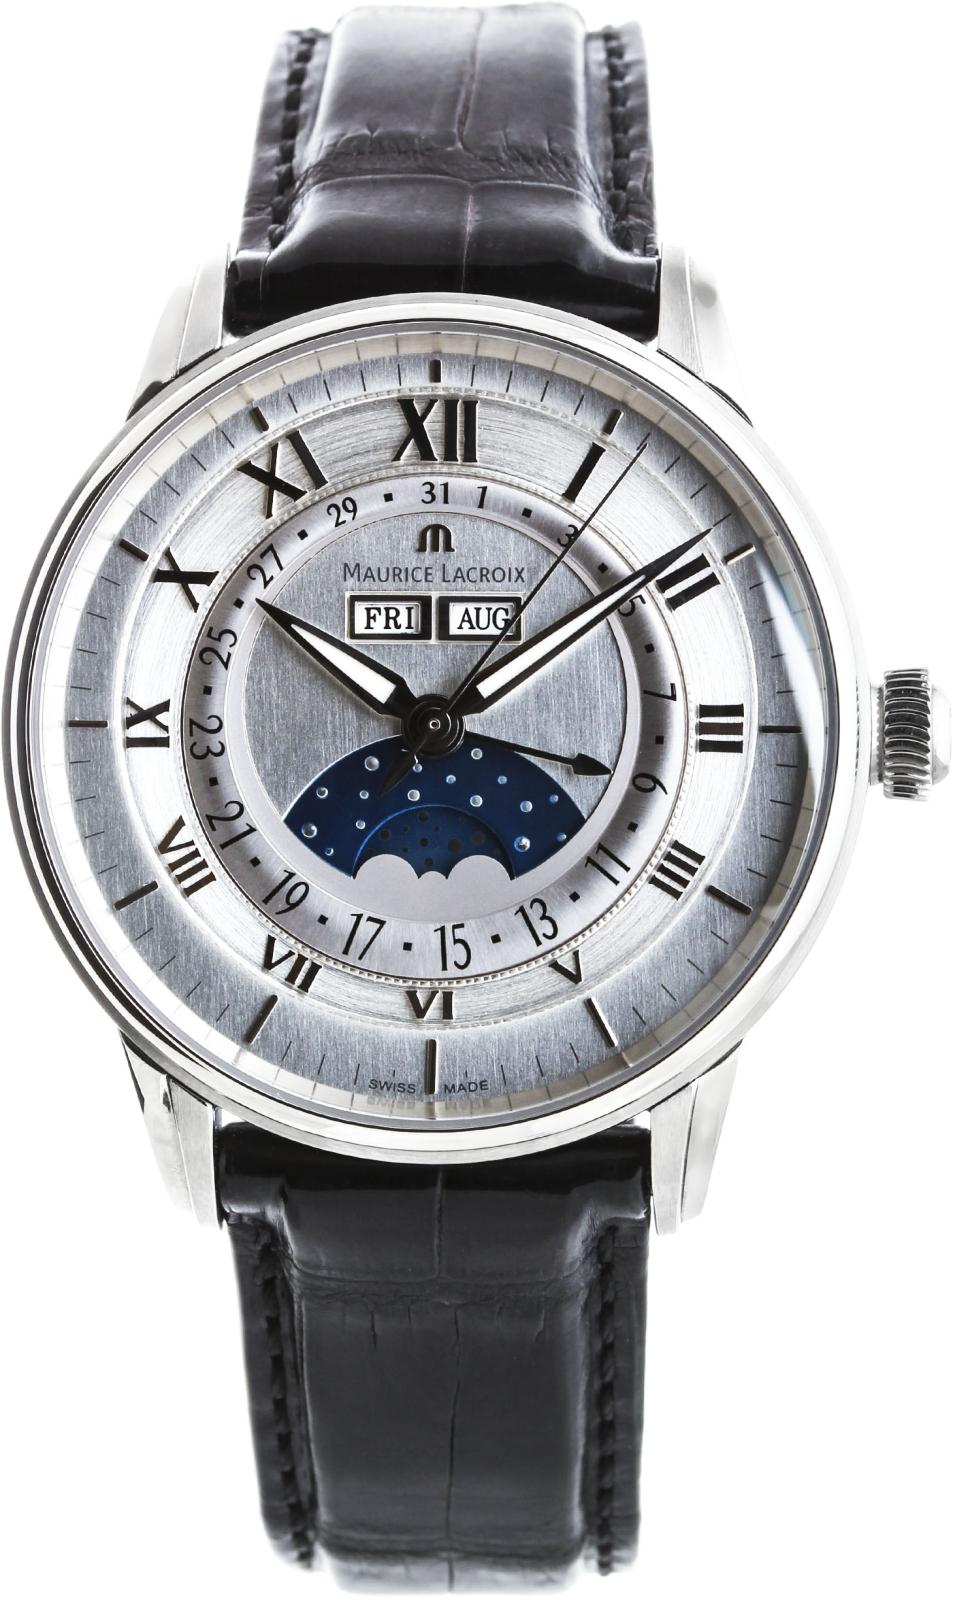 Maurice Lacroix Masterpiece MP6428-SS001-11EНаручные часы<br>Швейцарские часы Maurice Lacroix Masterpiece MP6428-SS001-11EПредставленная модель входит в коллекцию Masterpiece. Это настоящие Мужские часы. Материал корпуса часов &amp;mdash; Сталь. Ремень &amp;mdash; Кожа. В этих часах используется Сапфировое стекло. Водозащита - 50 м. Основной цвет циферблата Серый.<br><br>Пол: Мужские<br>Страна-производитель: Швейцария<br>Механизм: Механический<br>Материал корпуса: Сталь<br>Материал ремня/браслета: Кожа<br>Водозащита, диапазон: 20 - 100 м<br>Стекло: Сапфировое<br>Толщина корпуса: None<br>Стиль: Классика